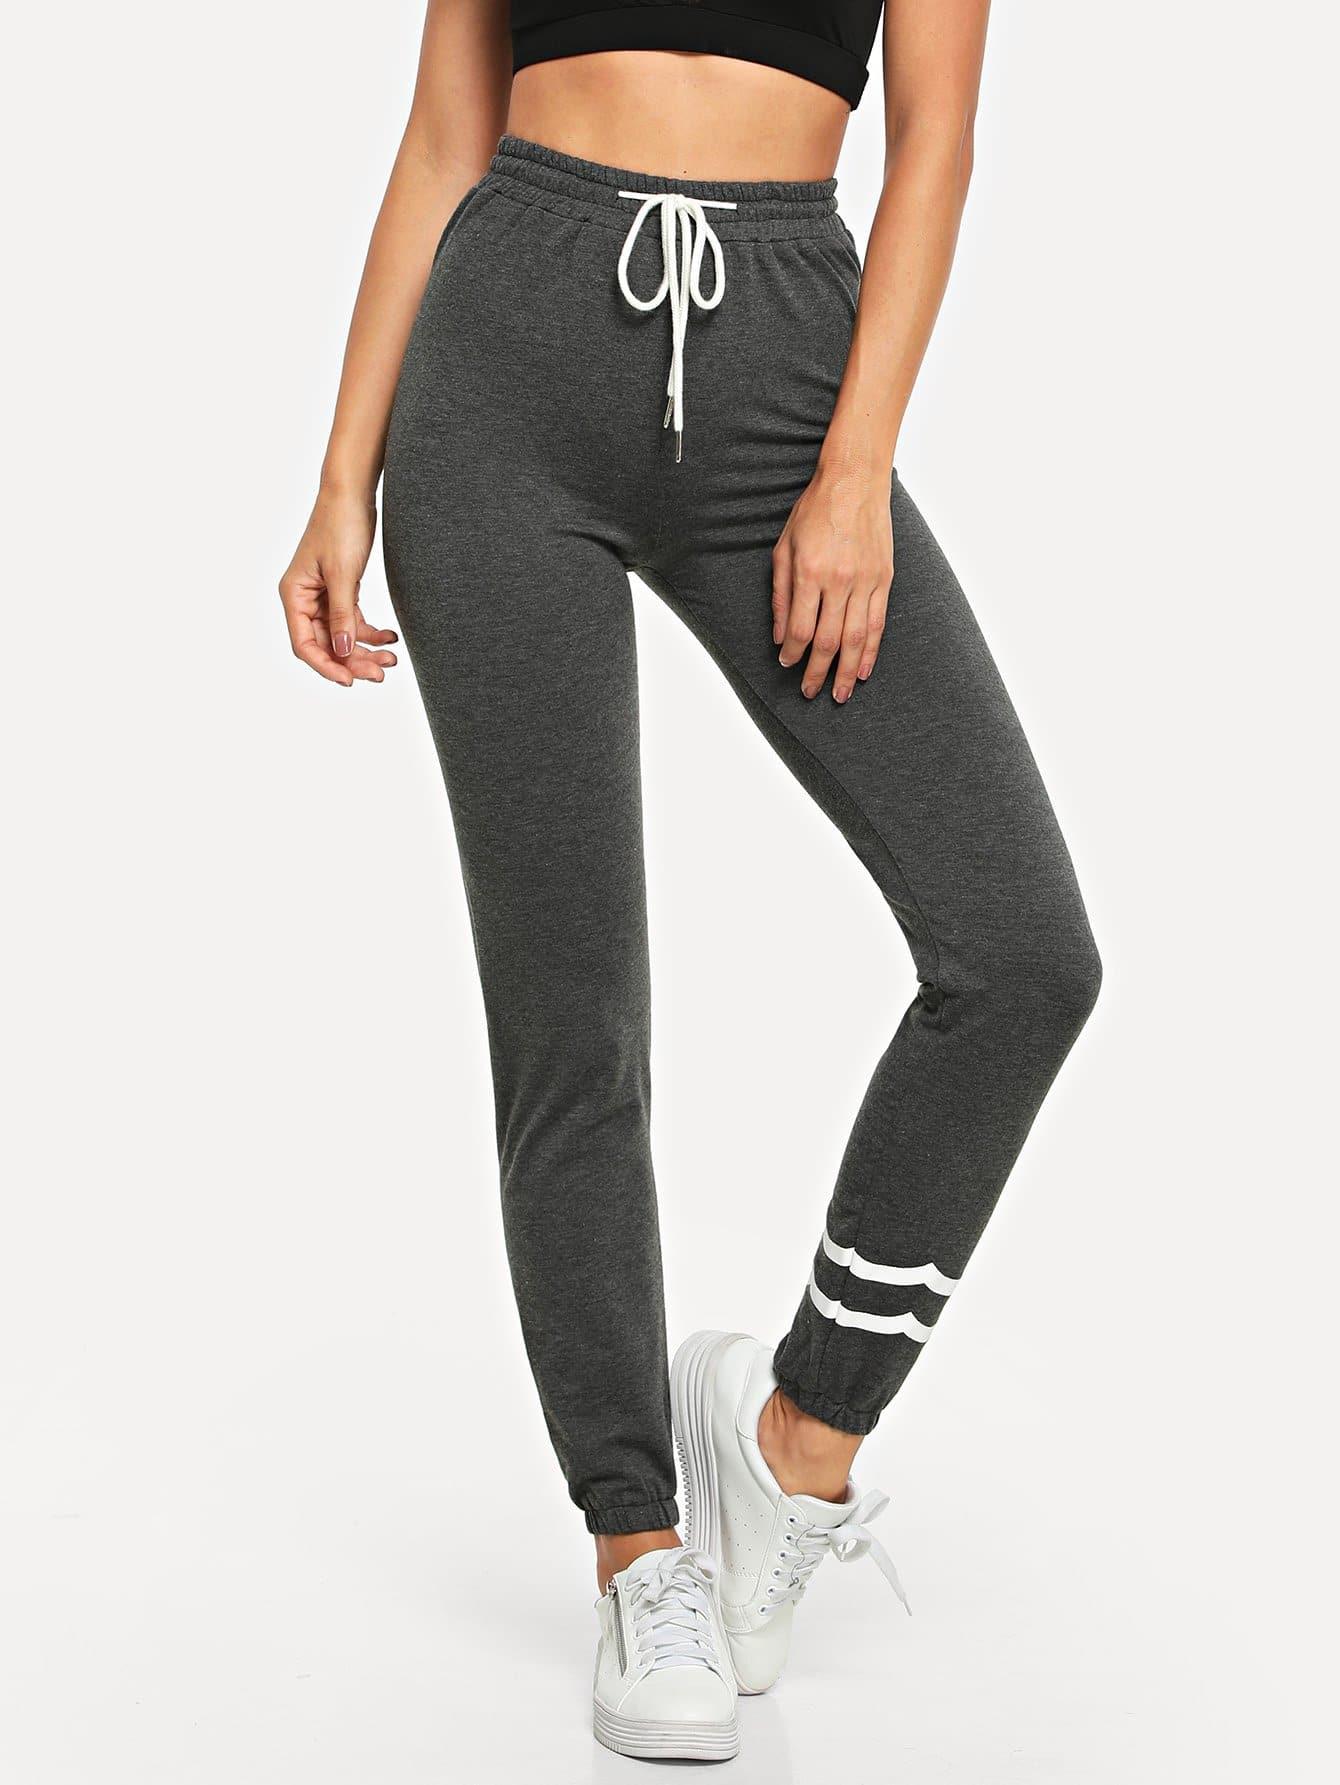 Полосатые брюки с поясом, Jeane, SheIn  - купить со скидкой